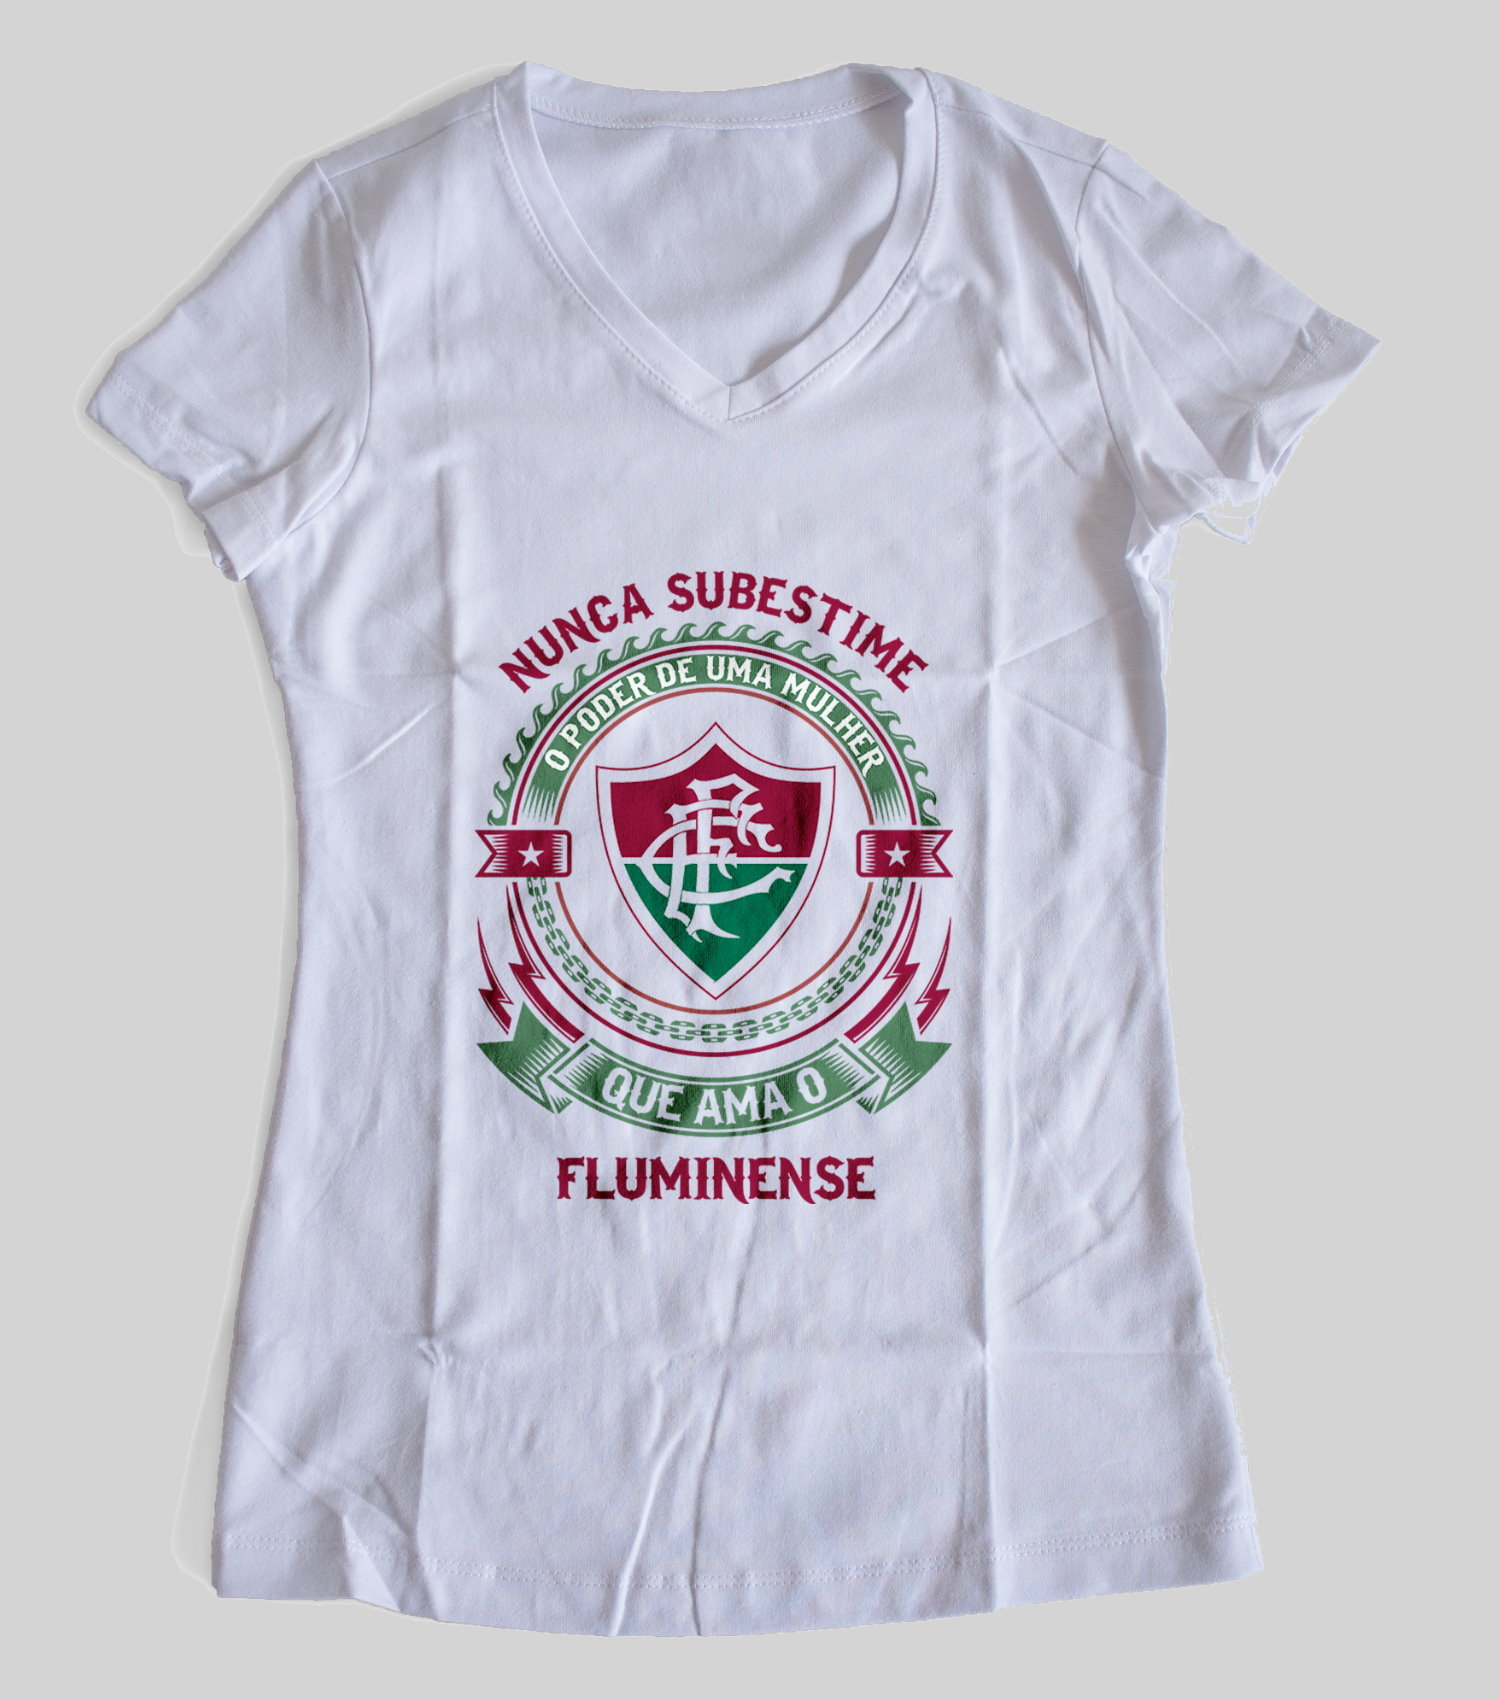 d77e815f349ec Camiseta ou Babylook Fluminense Feminina - Nunca Subestime o Poder de Uma  Mulher